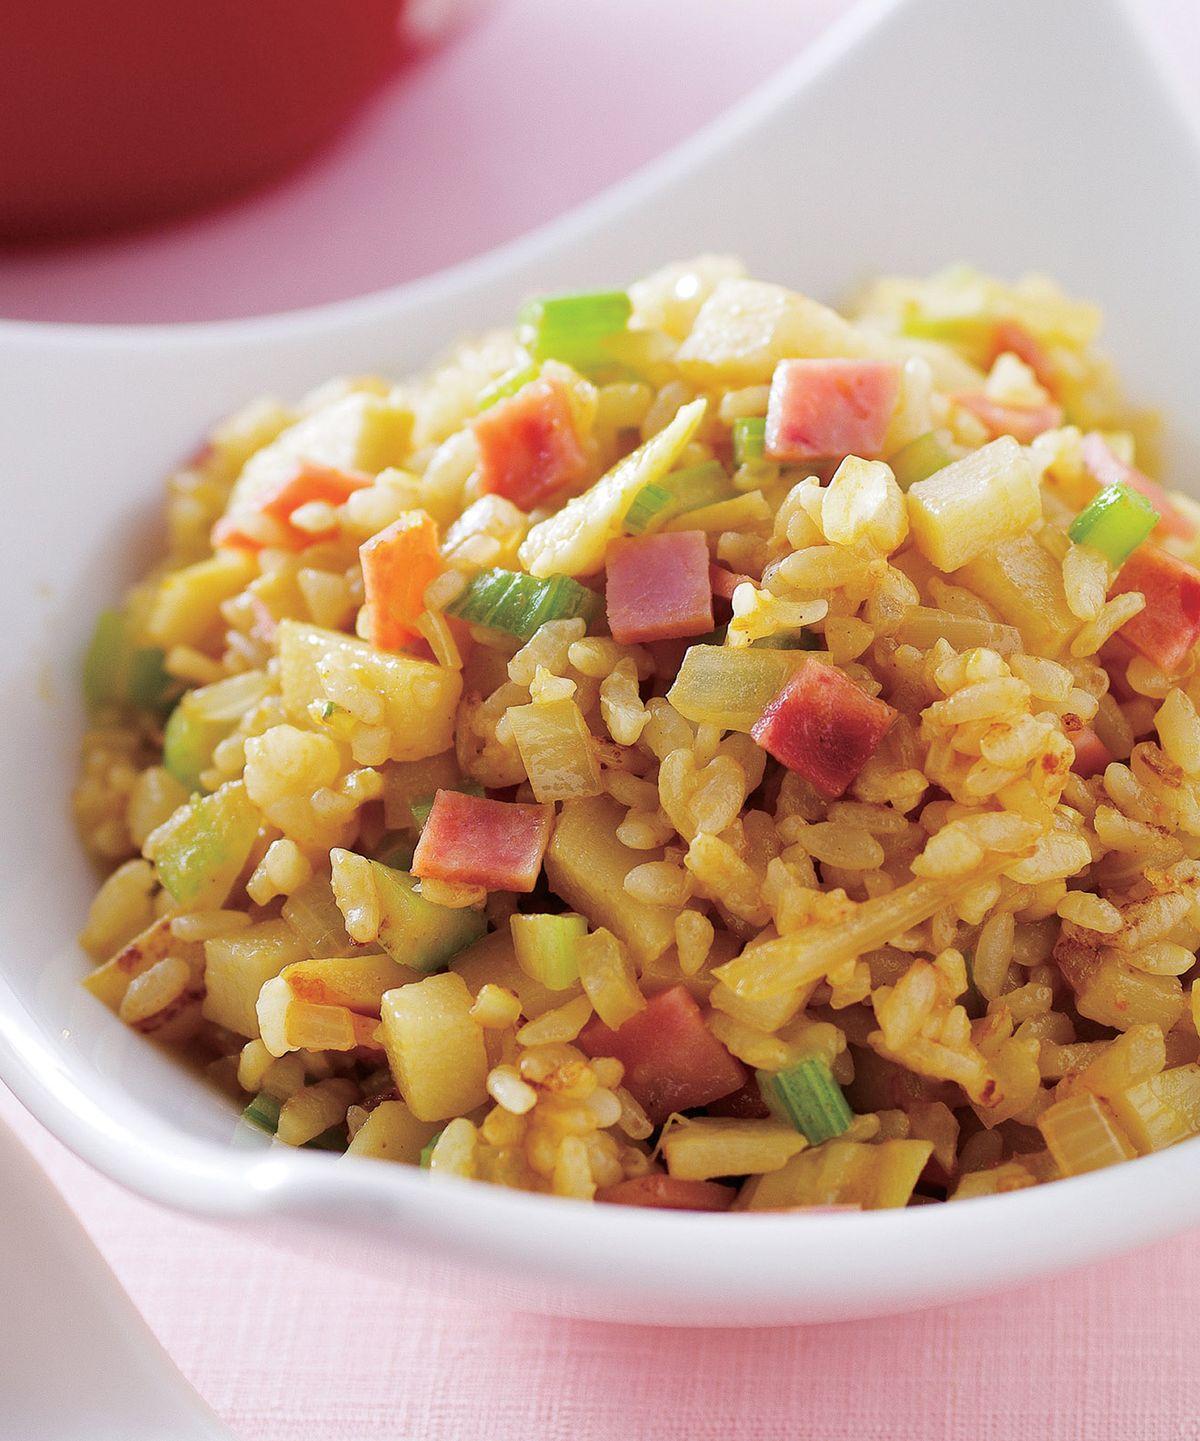 食譜:竹筍火腿咖哩炒飯